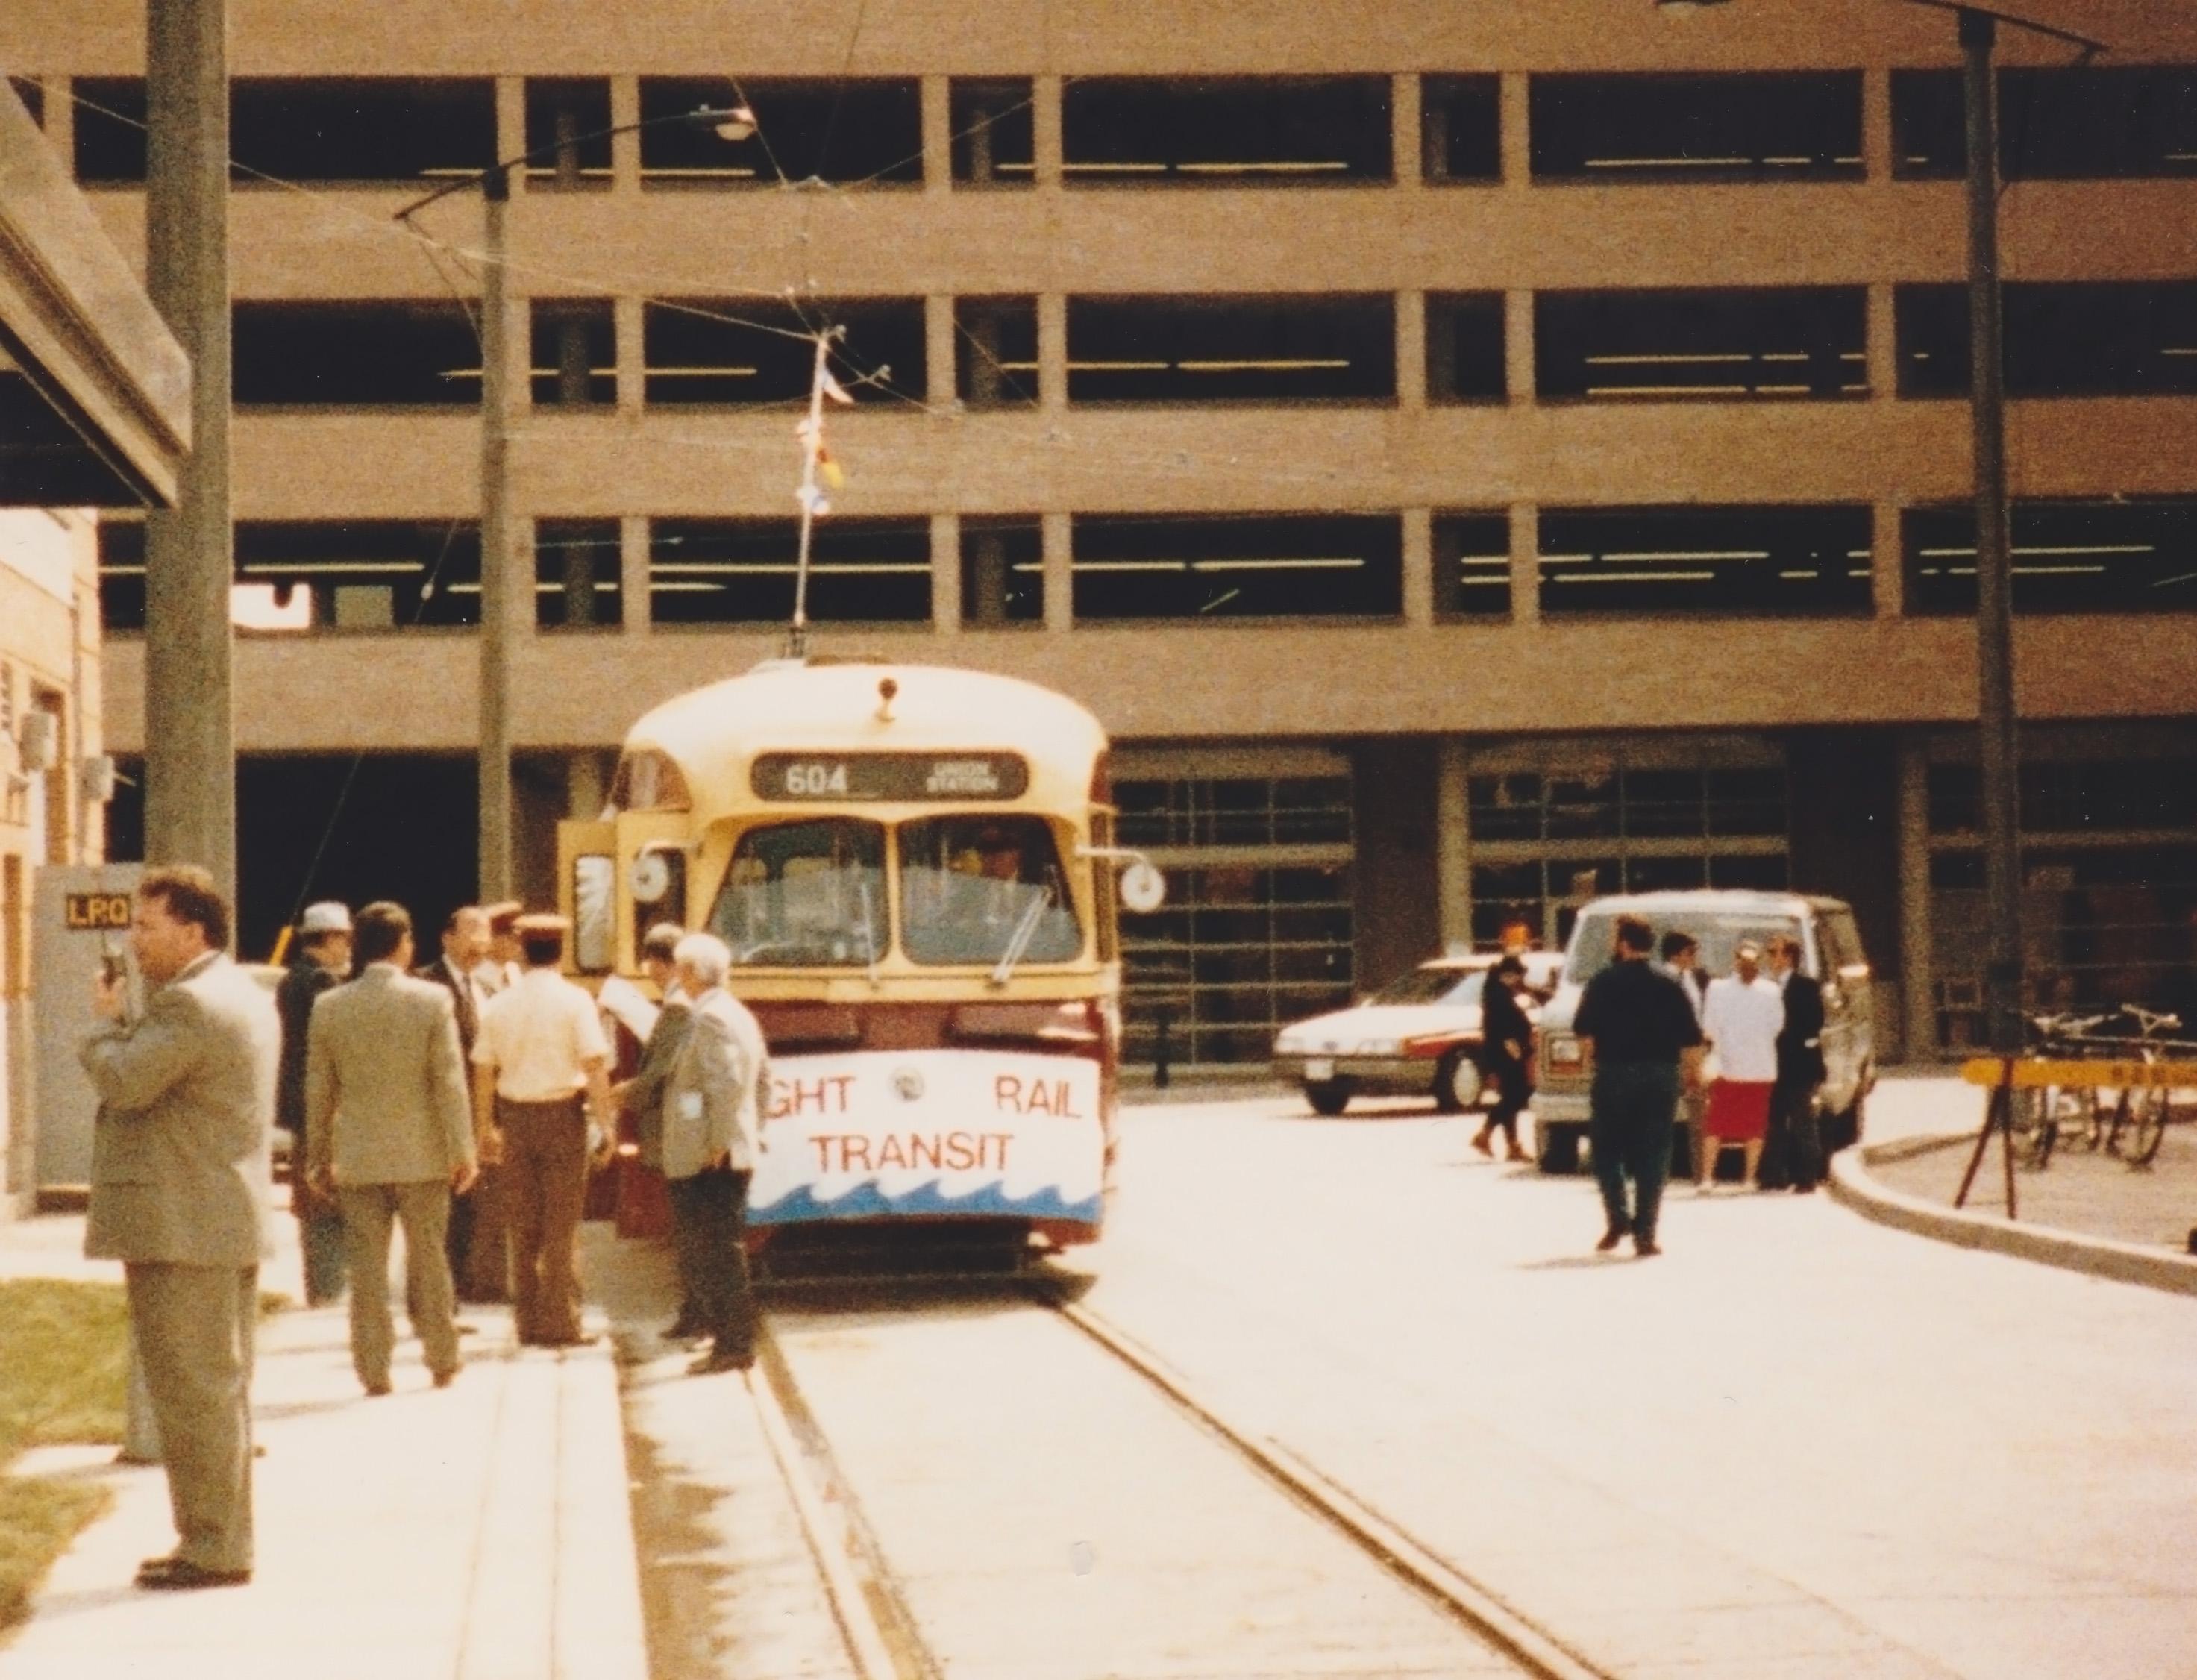 streetcar-4001-03.jpg